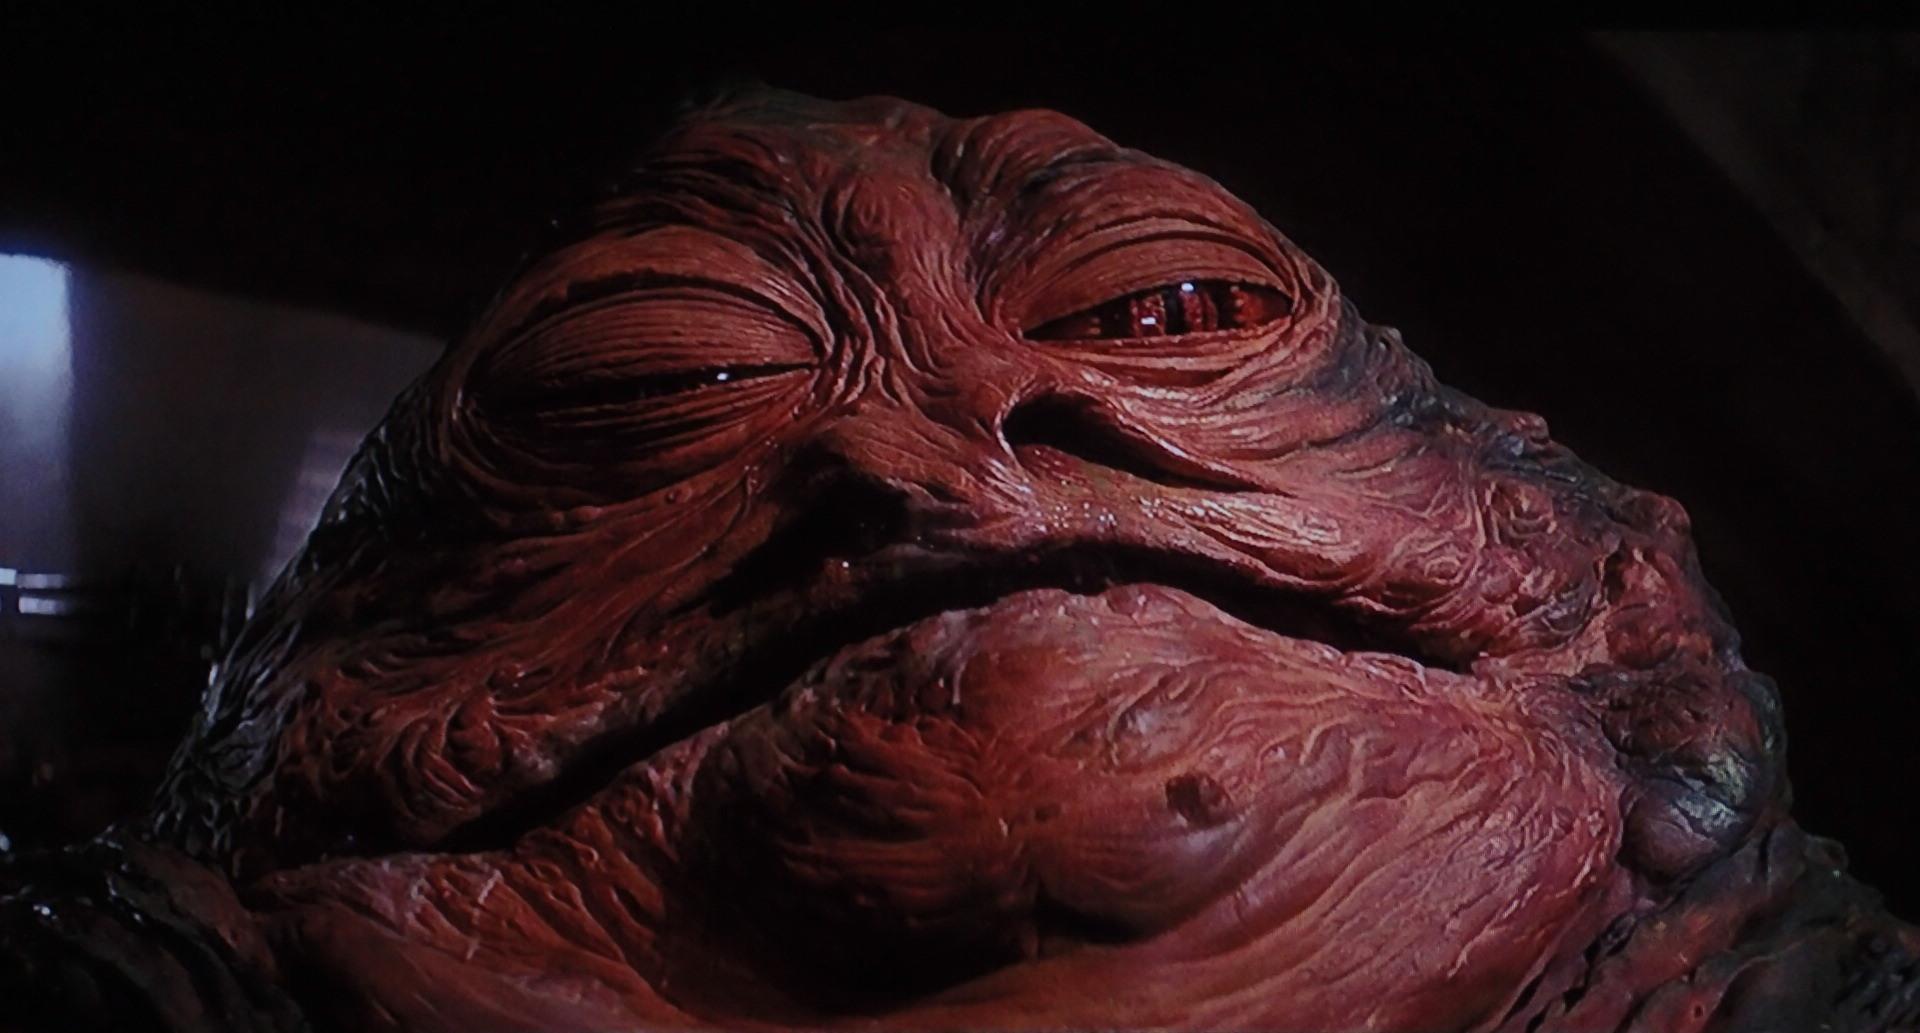 Jabba the Hutt - Star Wars Photo (33843582) - Fanpop Jabba The Hutt